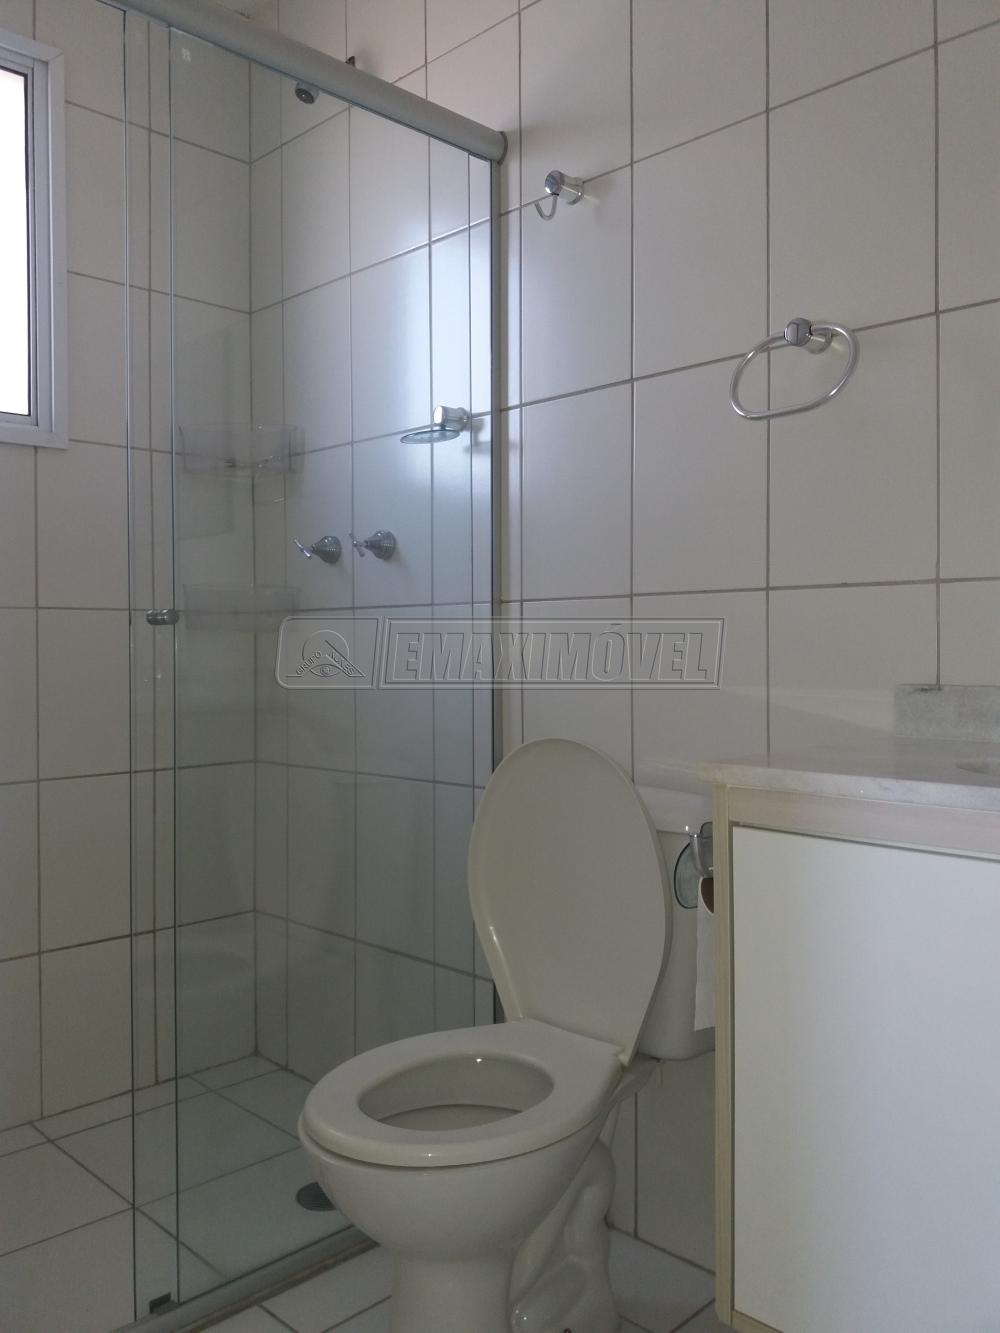 Alugar Apartamentos / Apto Padrão em Votorantim apenas R$ 1.550,00 - Foto 11